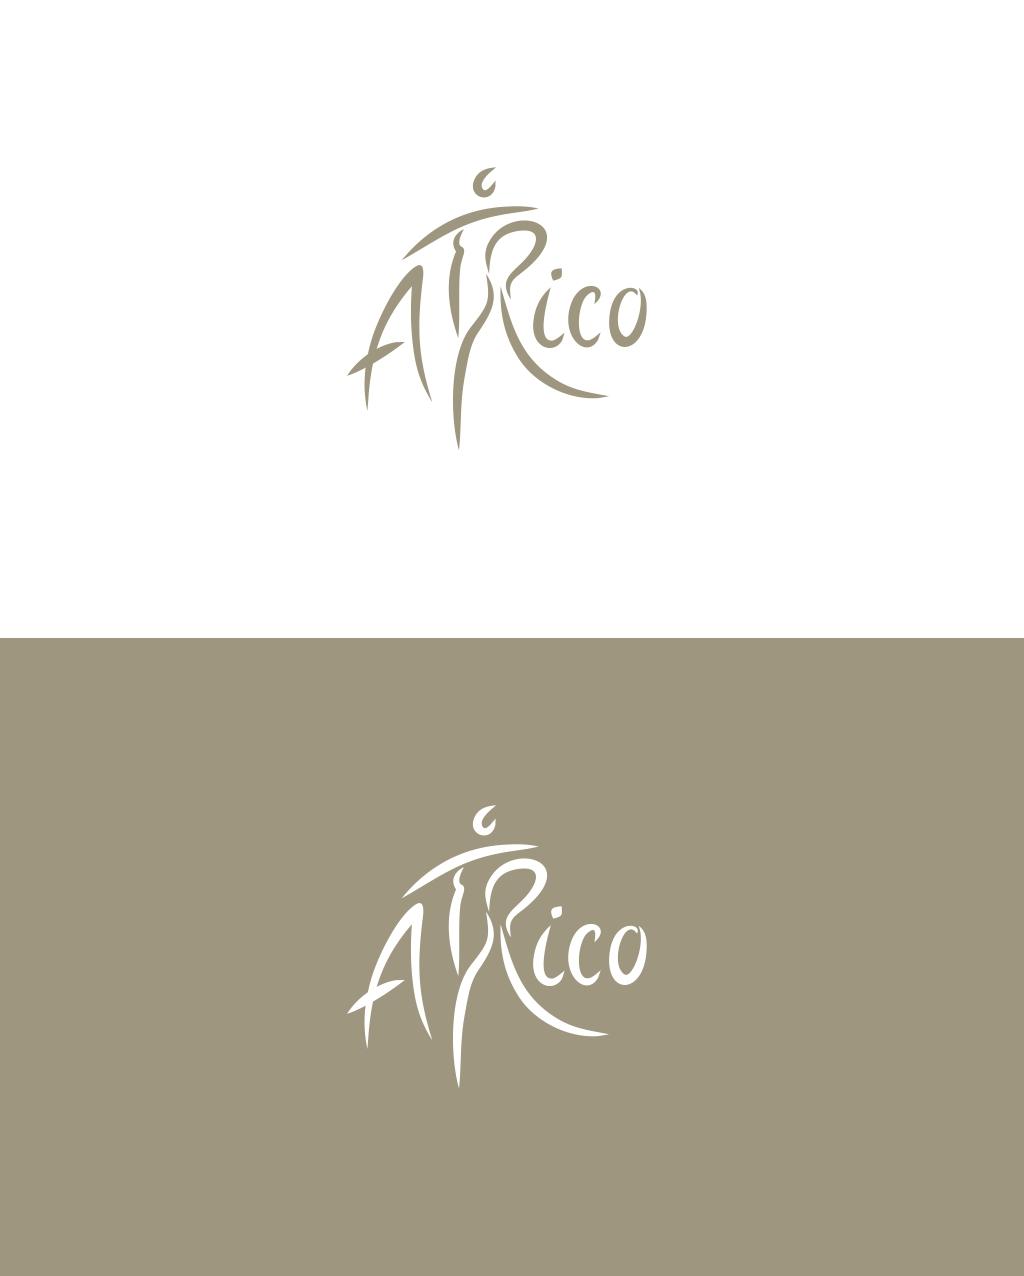 Логотип для брендовой пряжи и трикотажной одежды фото f_5405ffeaefa9e734.jpg